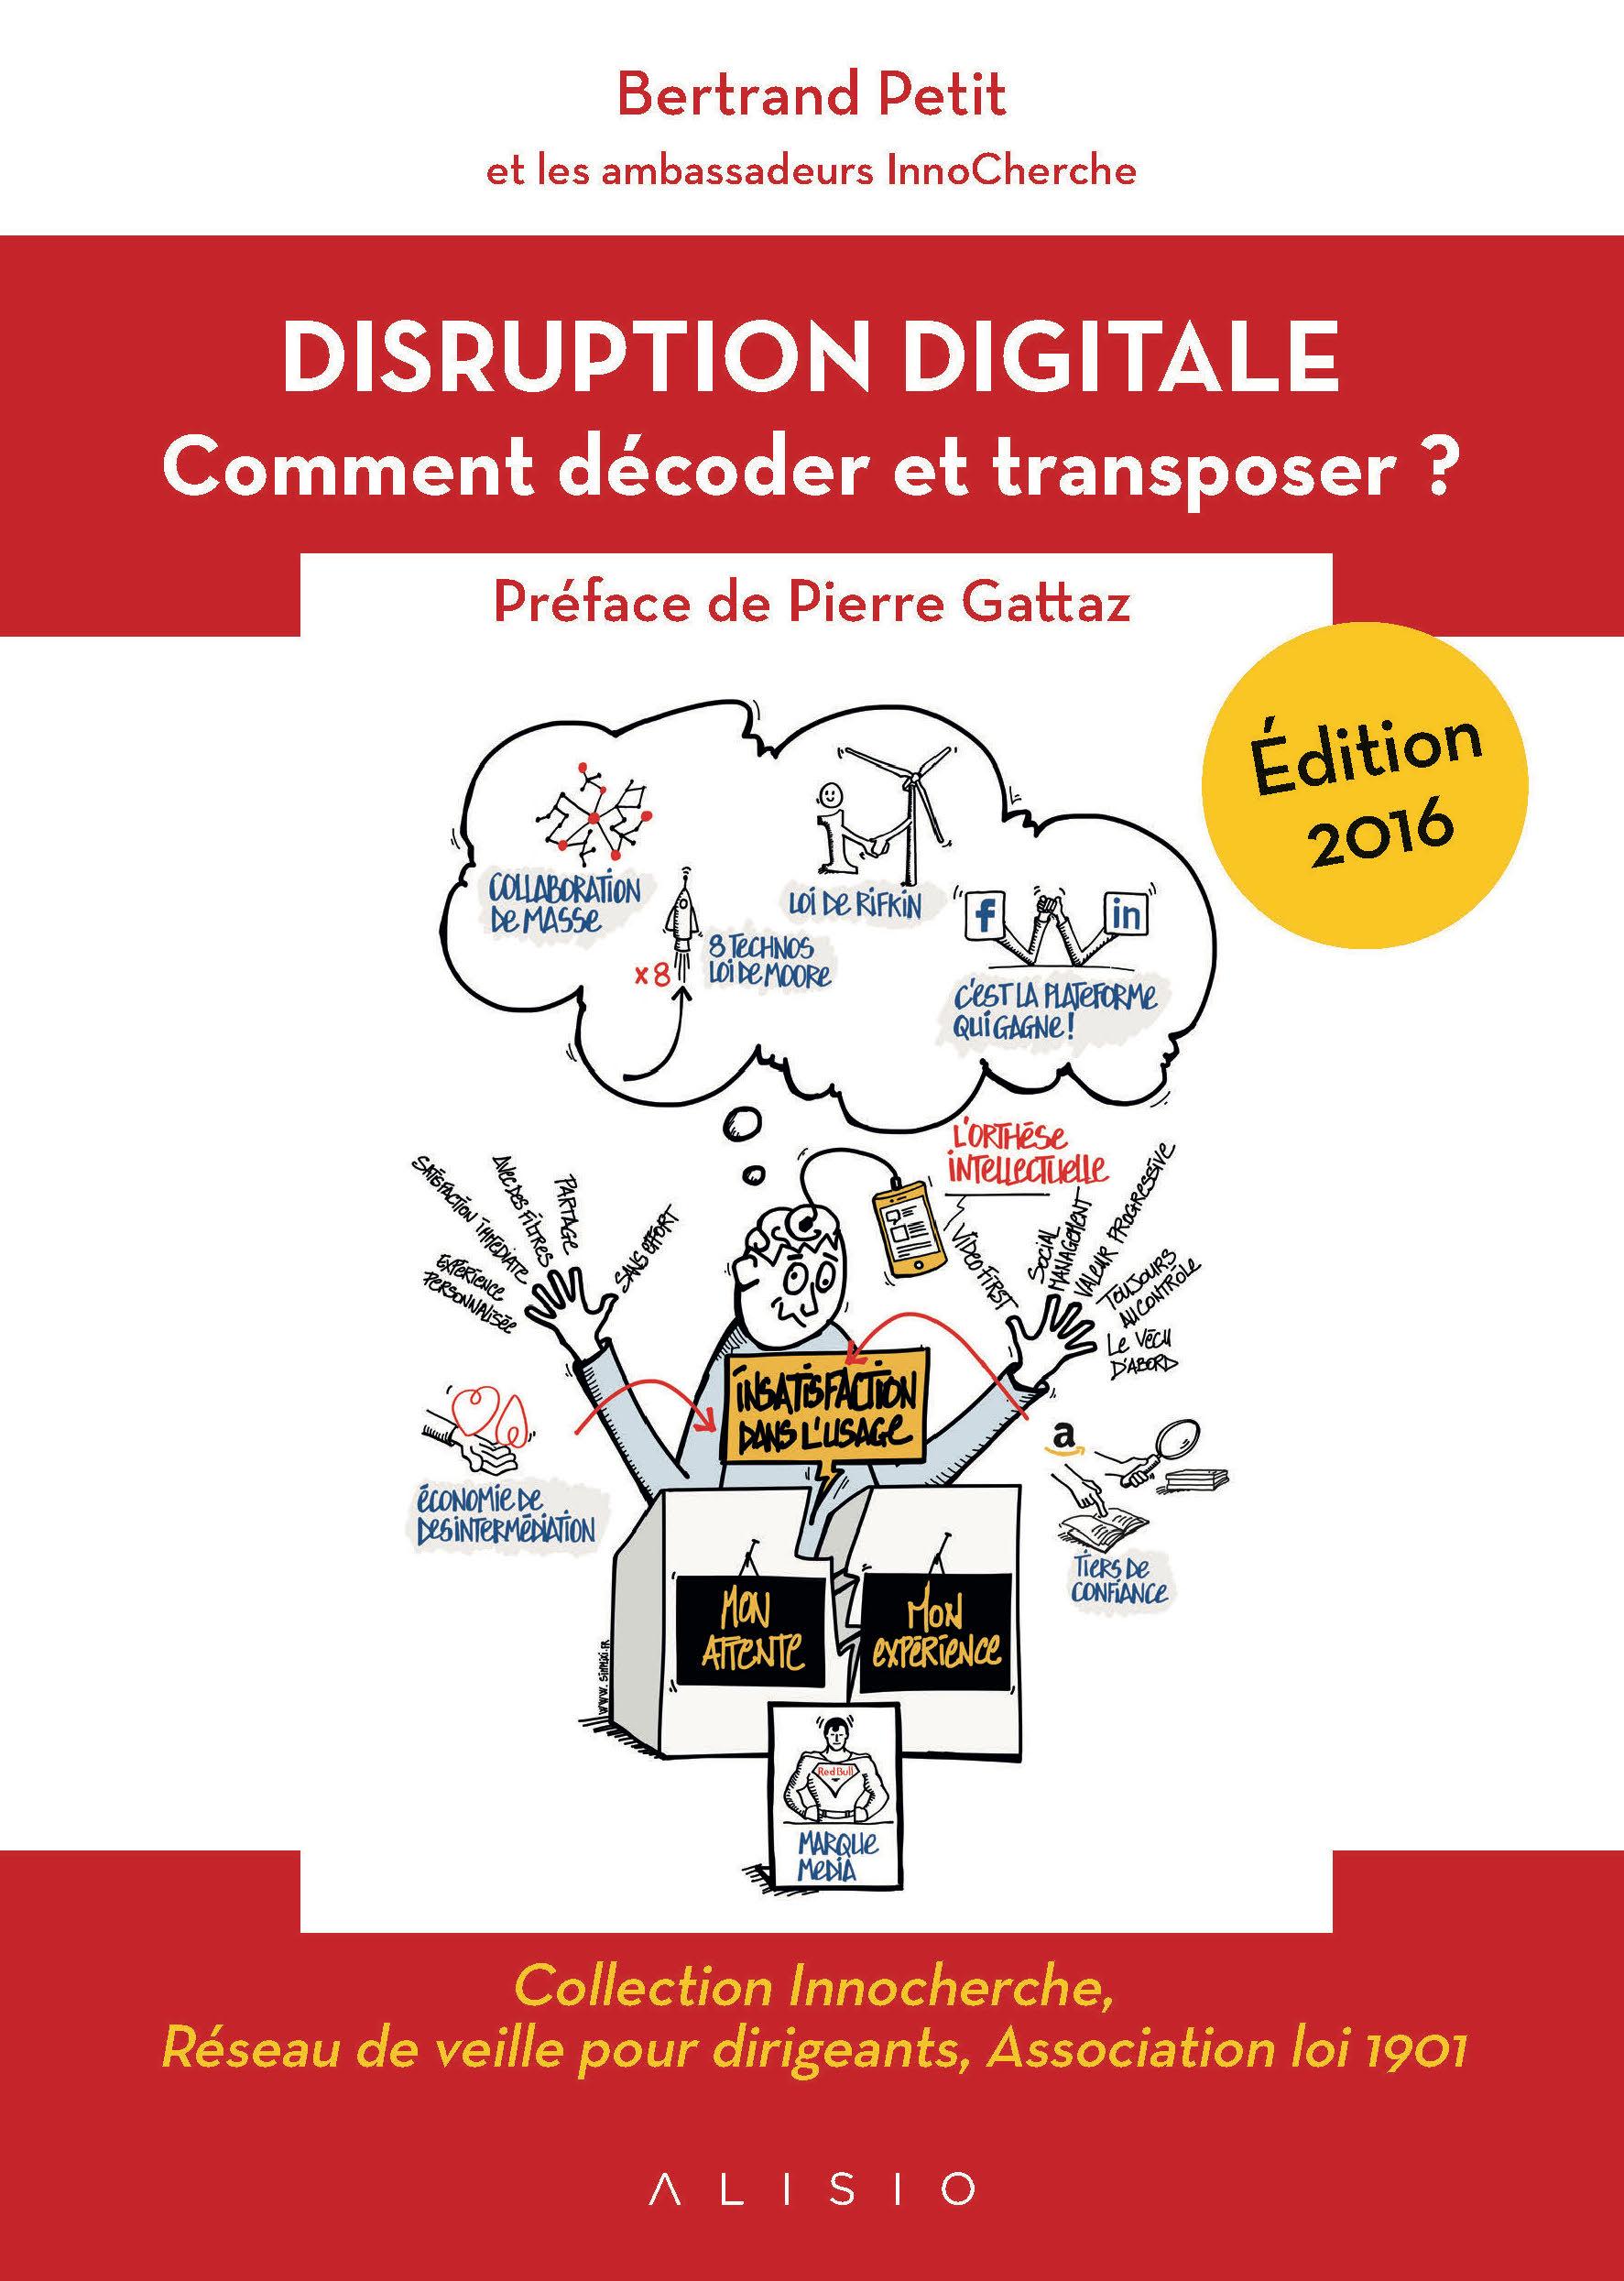 Edition 2016 : La disruption digitale – comment décoder et transposer ?